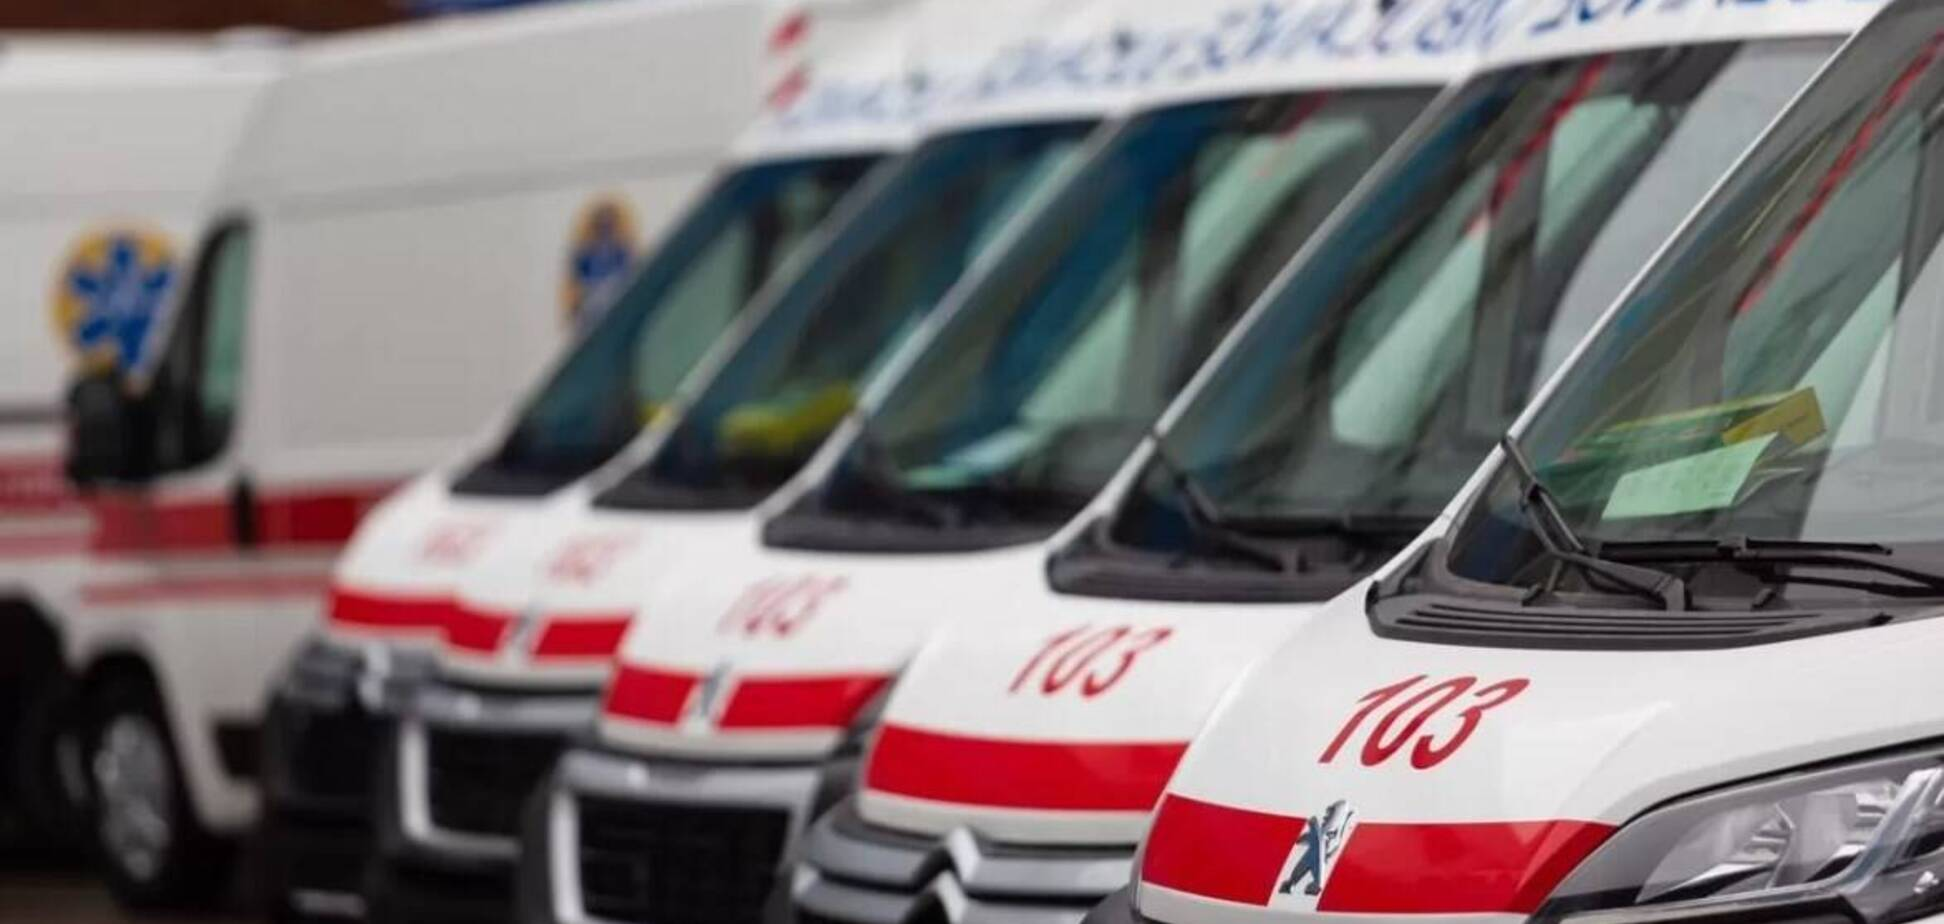 Іноземець помер в машині швидкої допомоги. Іноземець помер в машині швидкої допомоги